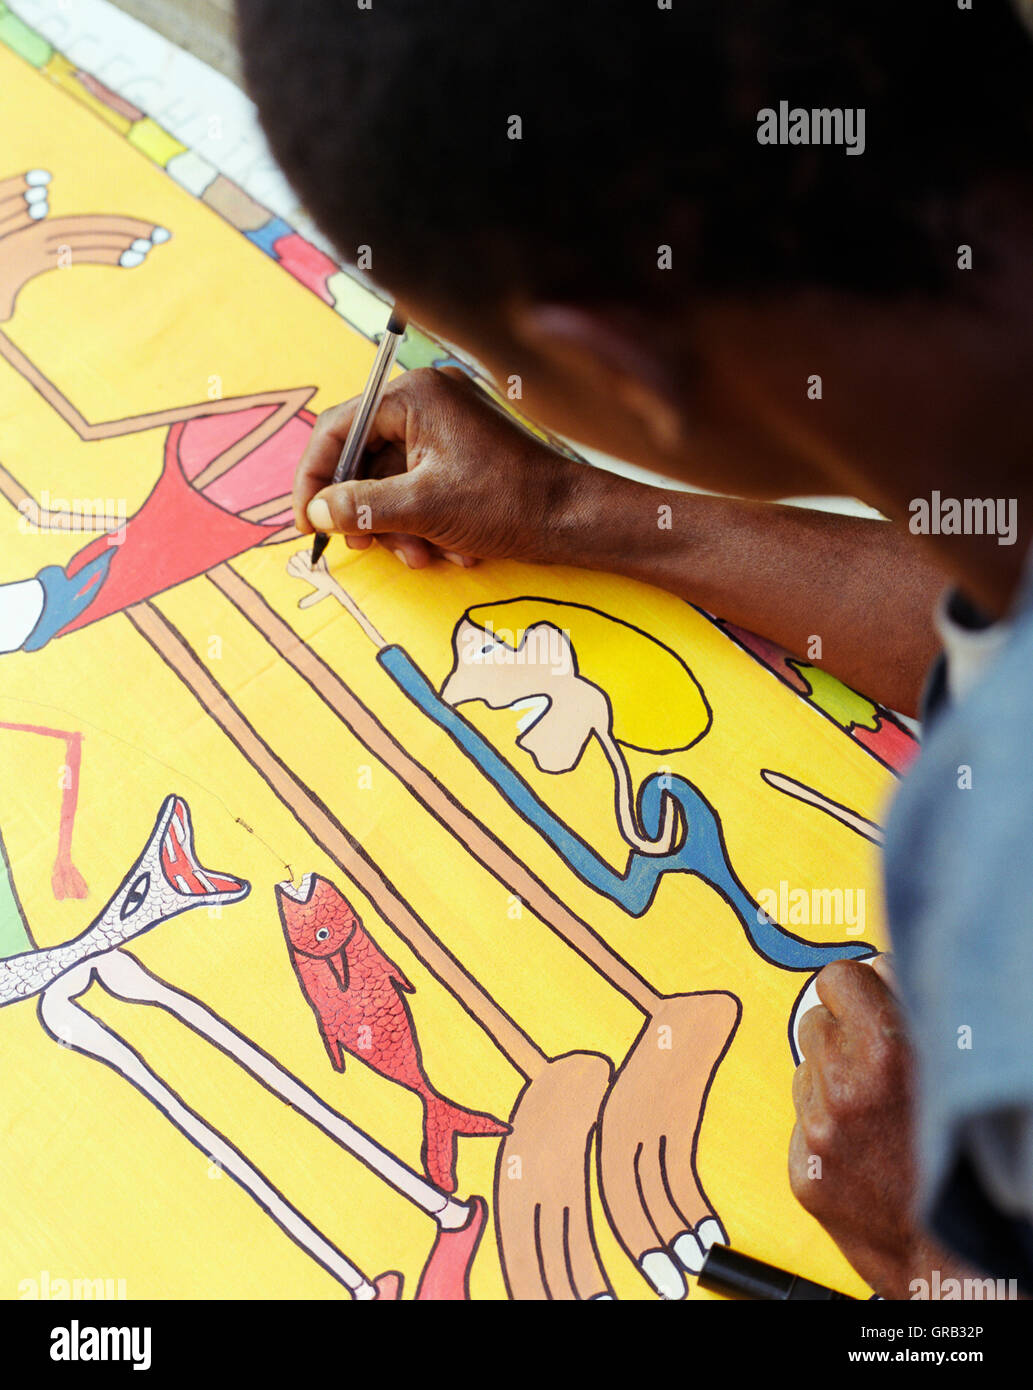 Artista rebelde Fico pinta una pintura en su aldea de Espinho Branco, Santiago, Islas de Cabo Verde, África. Imagen De Stock